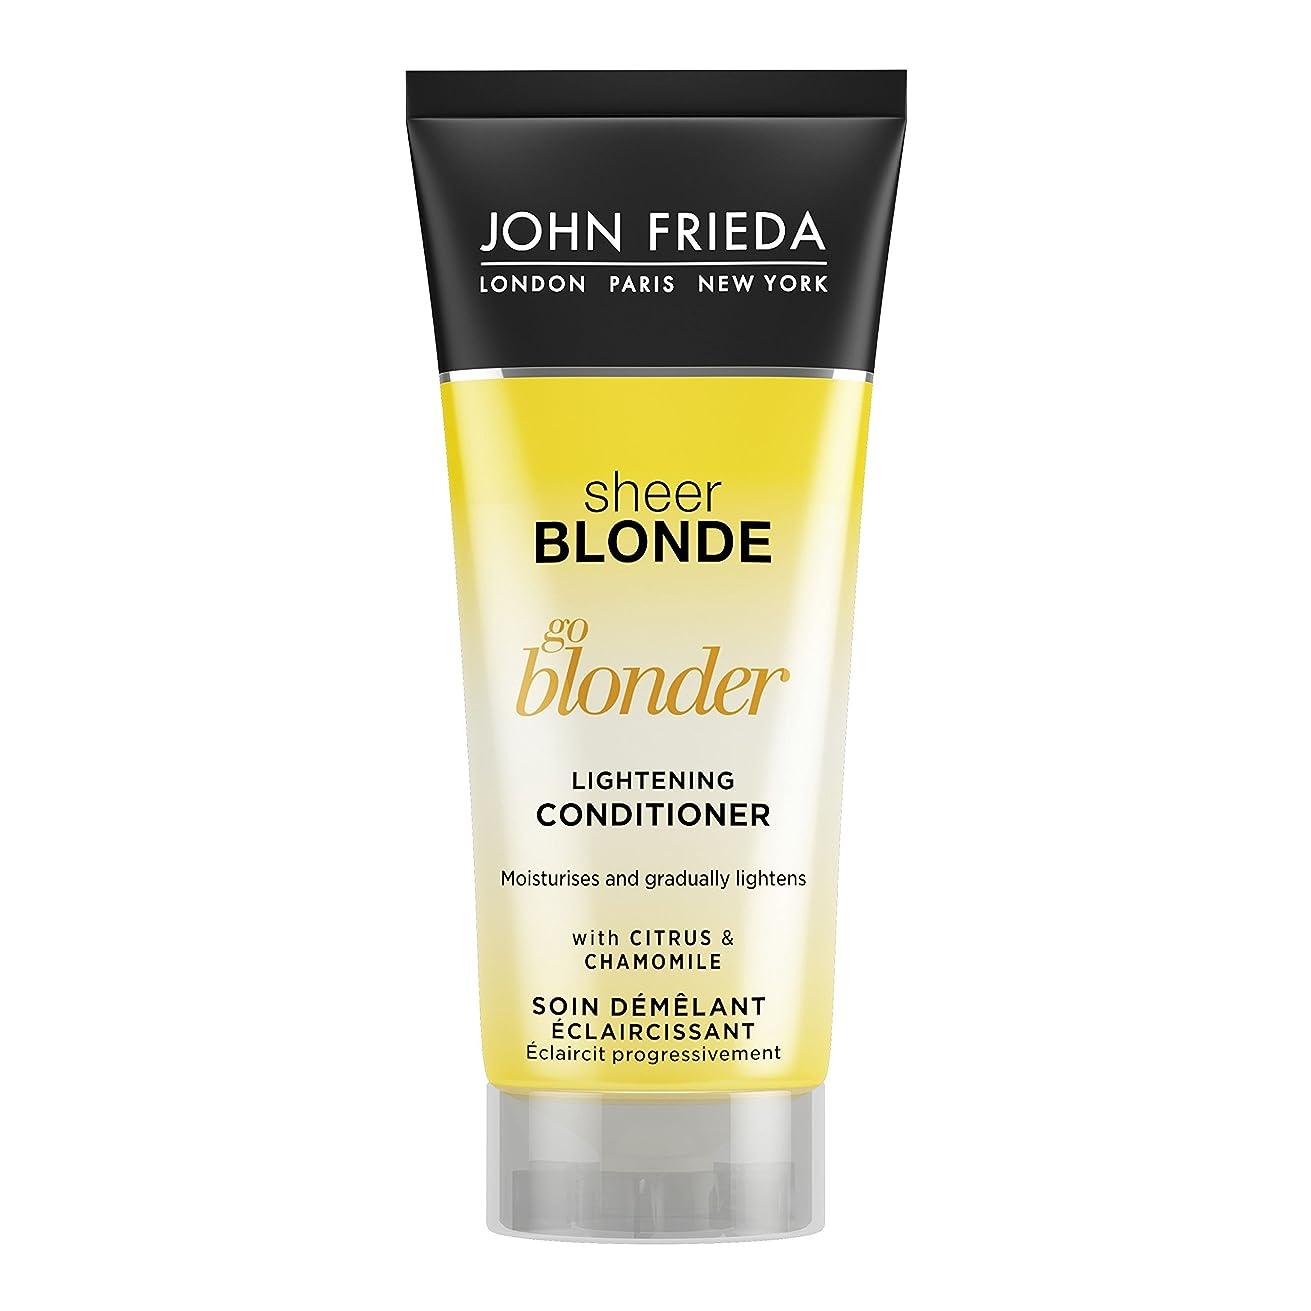 殺人者赤字太鼓腹John Frieda Sheer Blonde Go Blonder Lightening Conditioner Travel Size 50ml